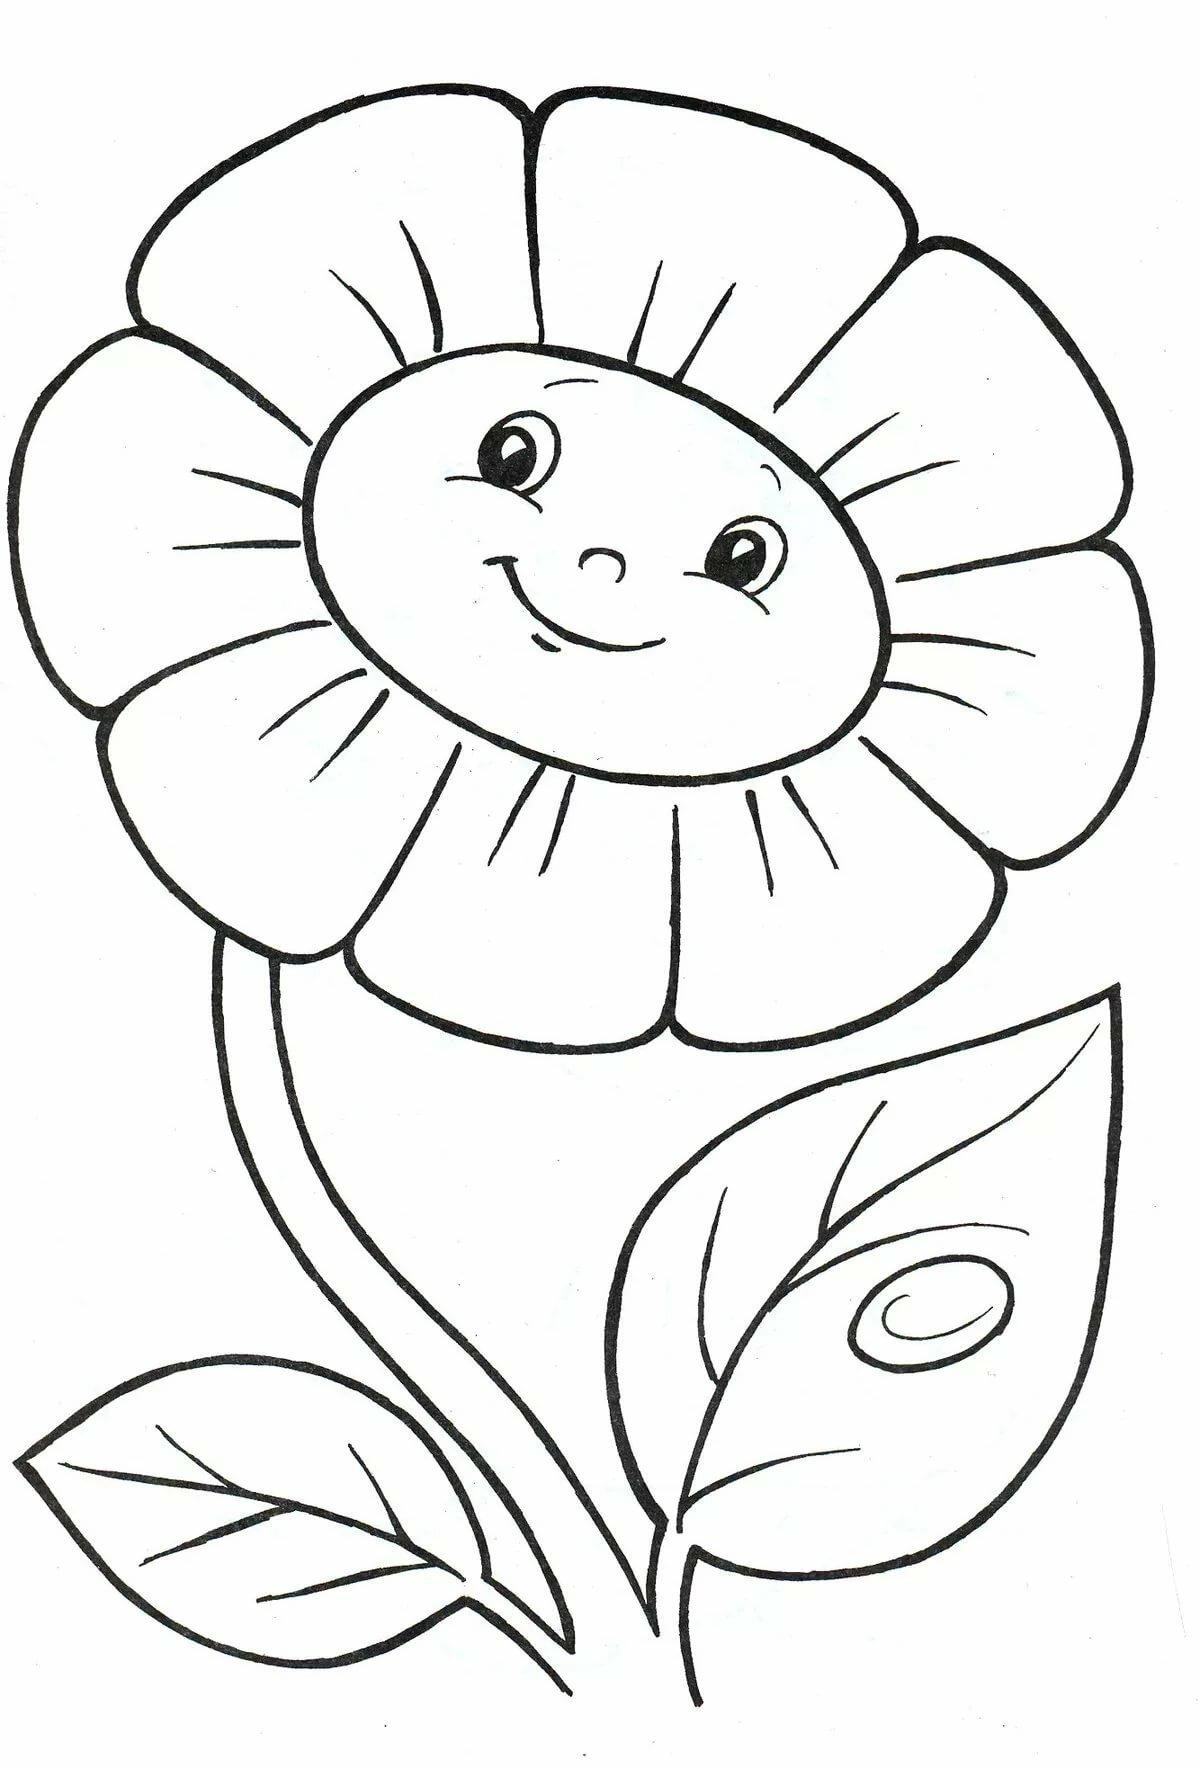 Открытка новому, рисунок ромашки для раскрашивания